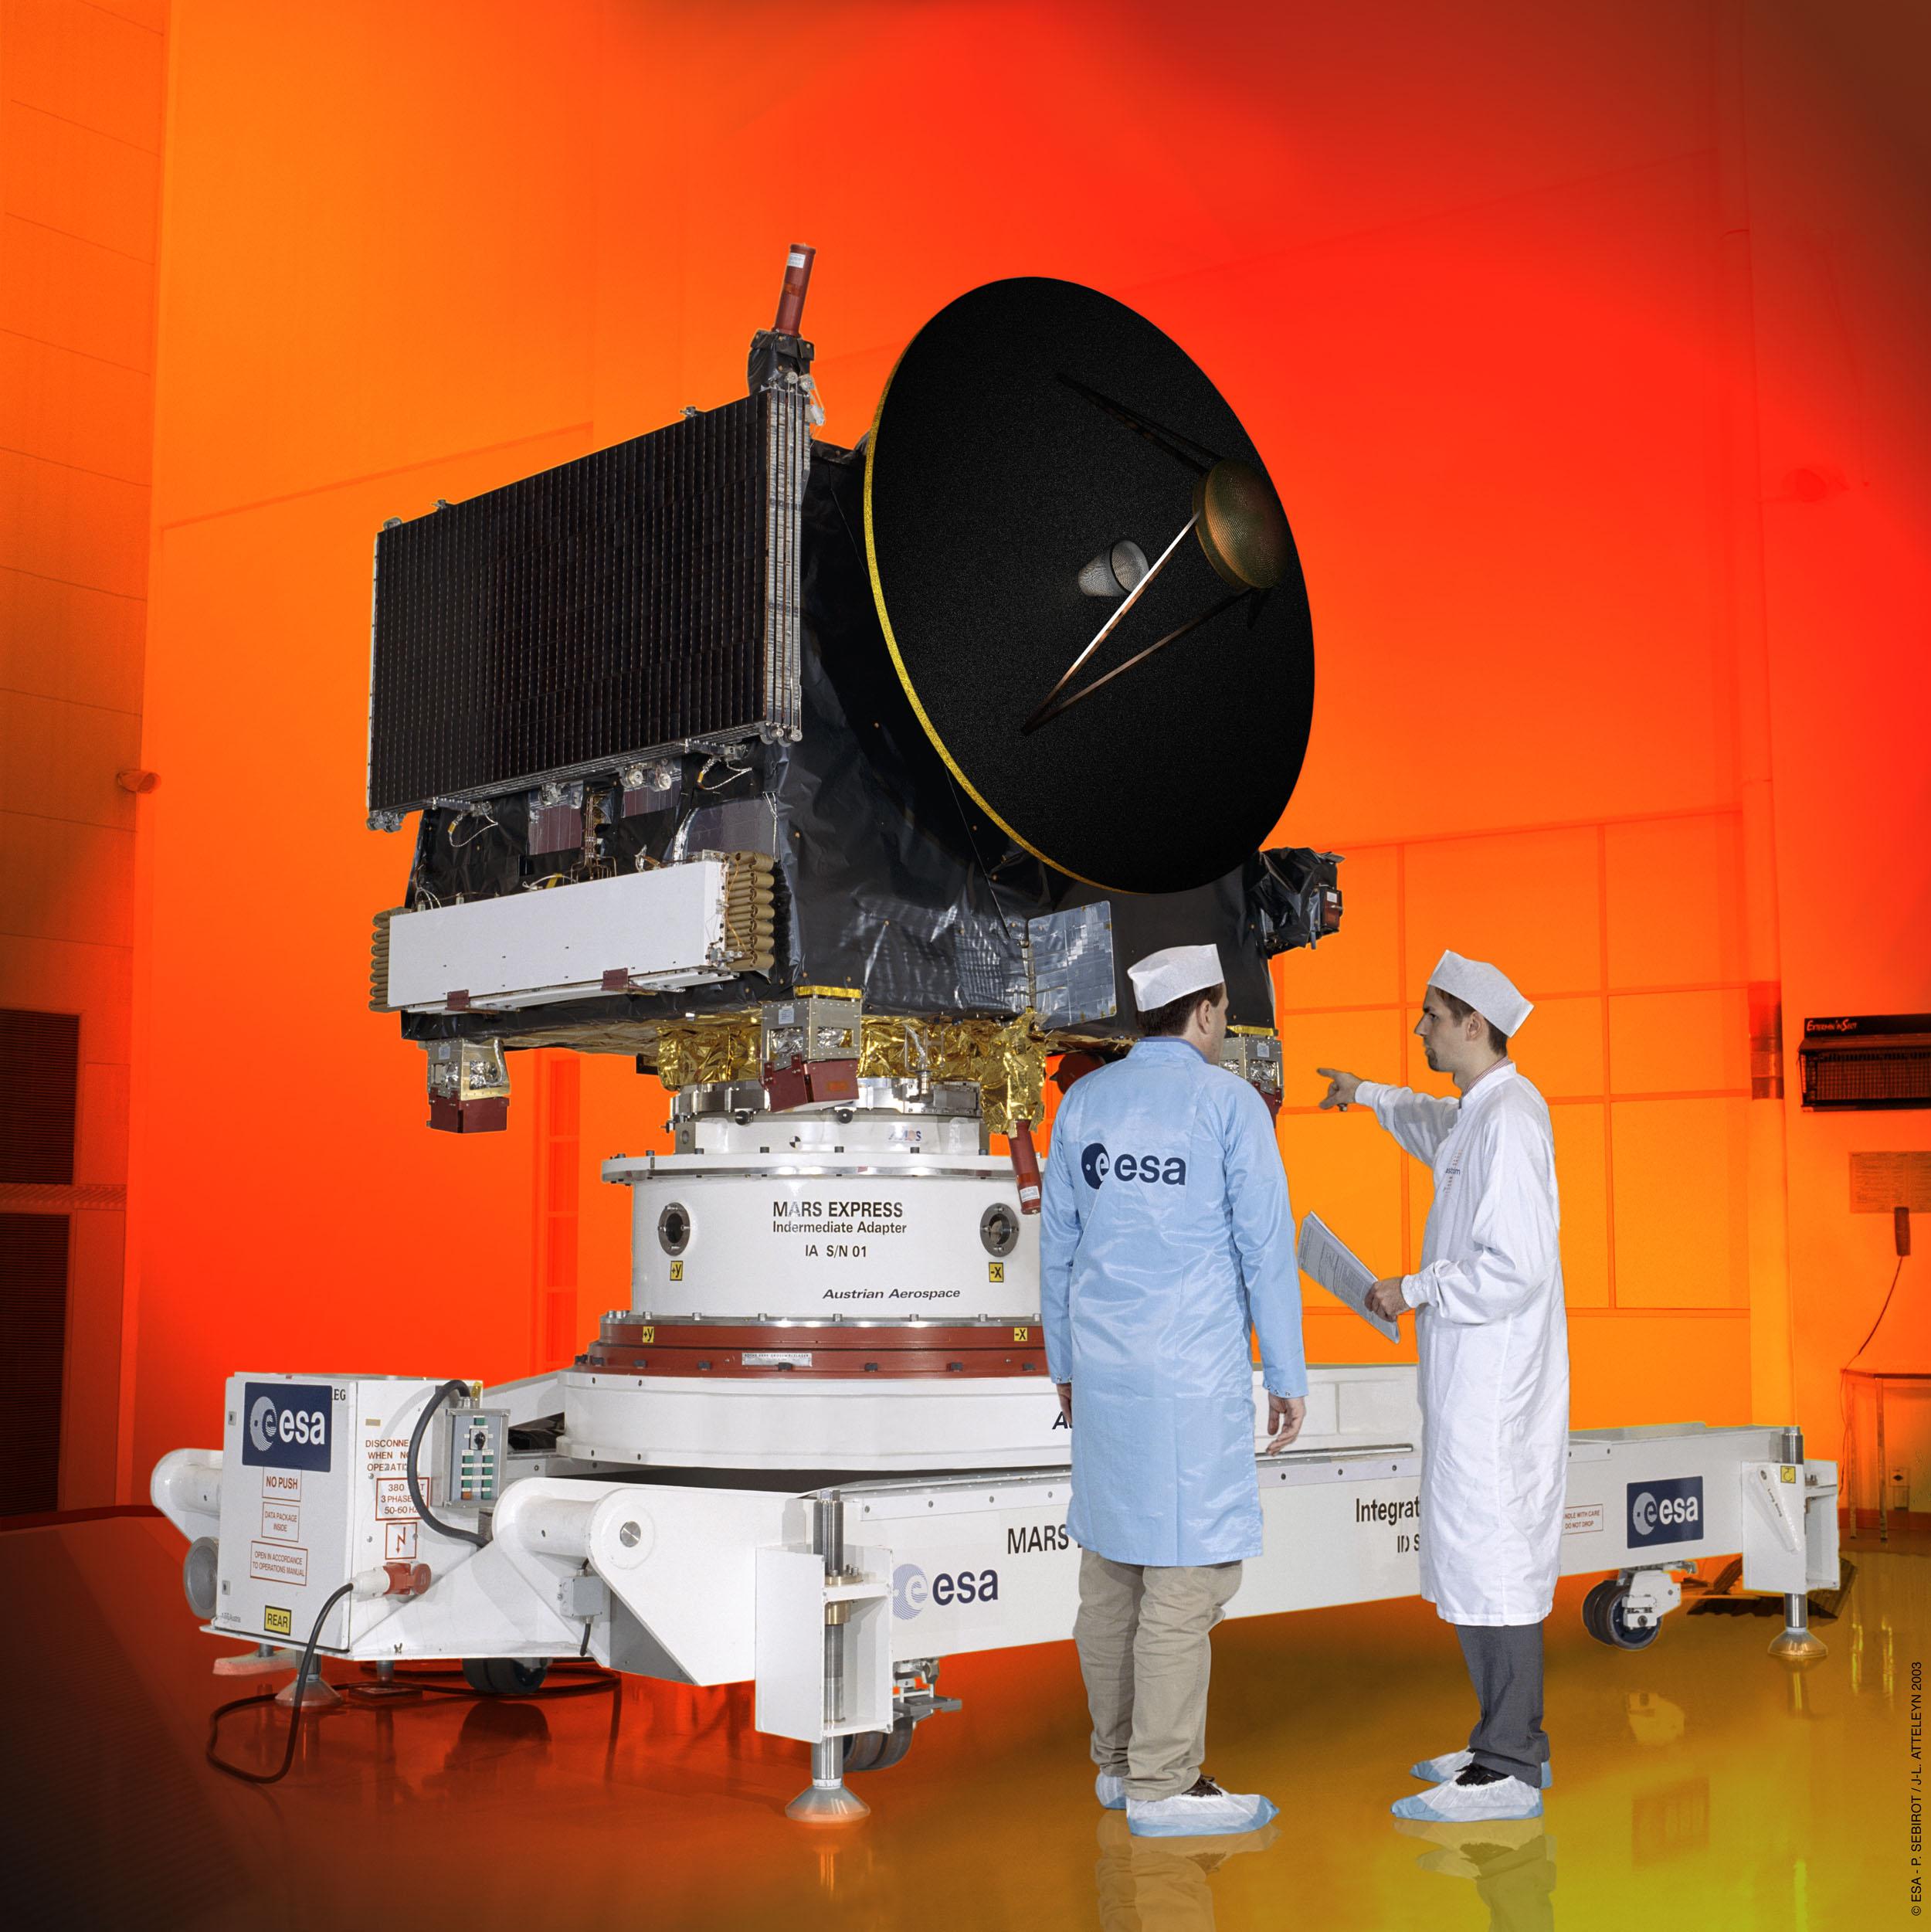 Mars Express al termine della fase di montaggio. I pannelli solari sono ripiegati e verranno aperti nello spazio